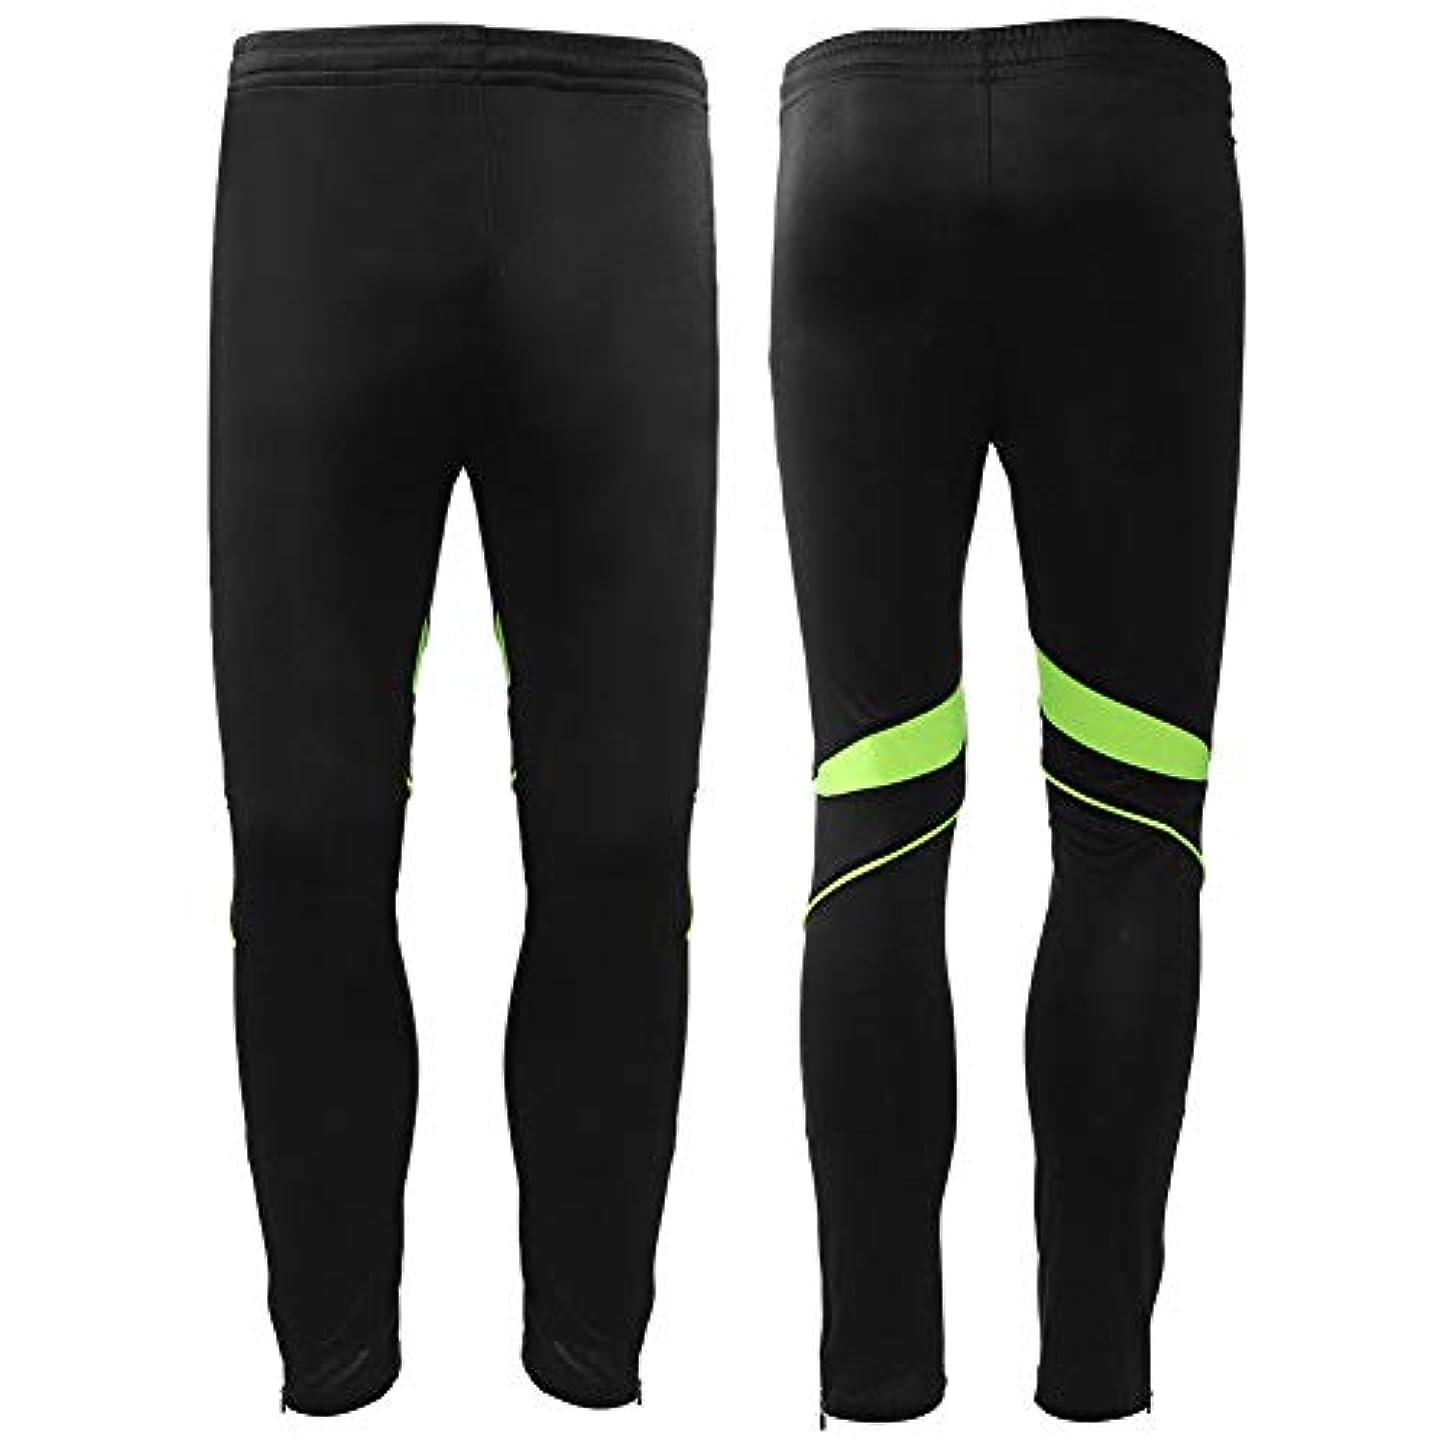 有効ベンチ消費者ユニセックス スポーツパンツ 男性/女性 通気性 ソフト スポーツ クイックドライ 長ズボン アウトドア サイクリングロングパンツ